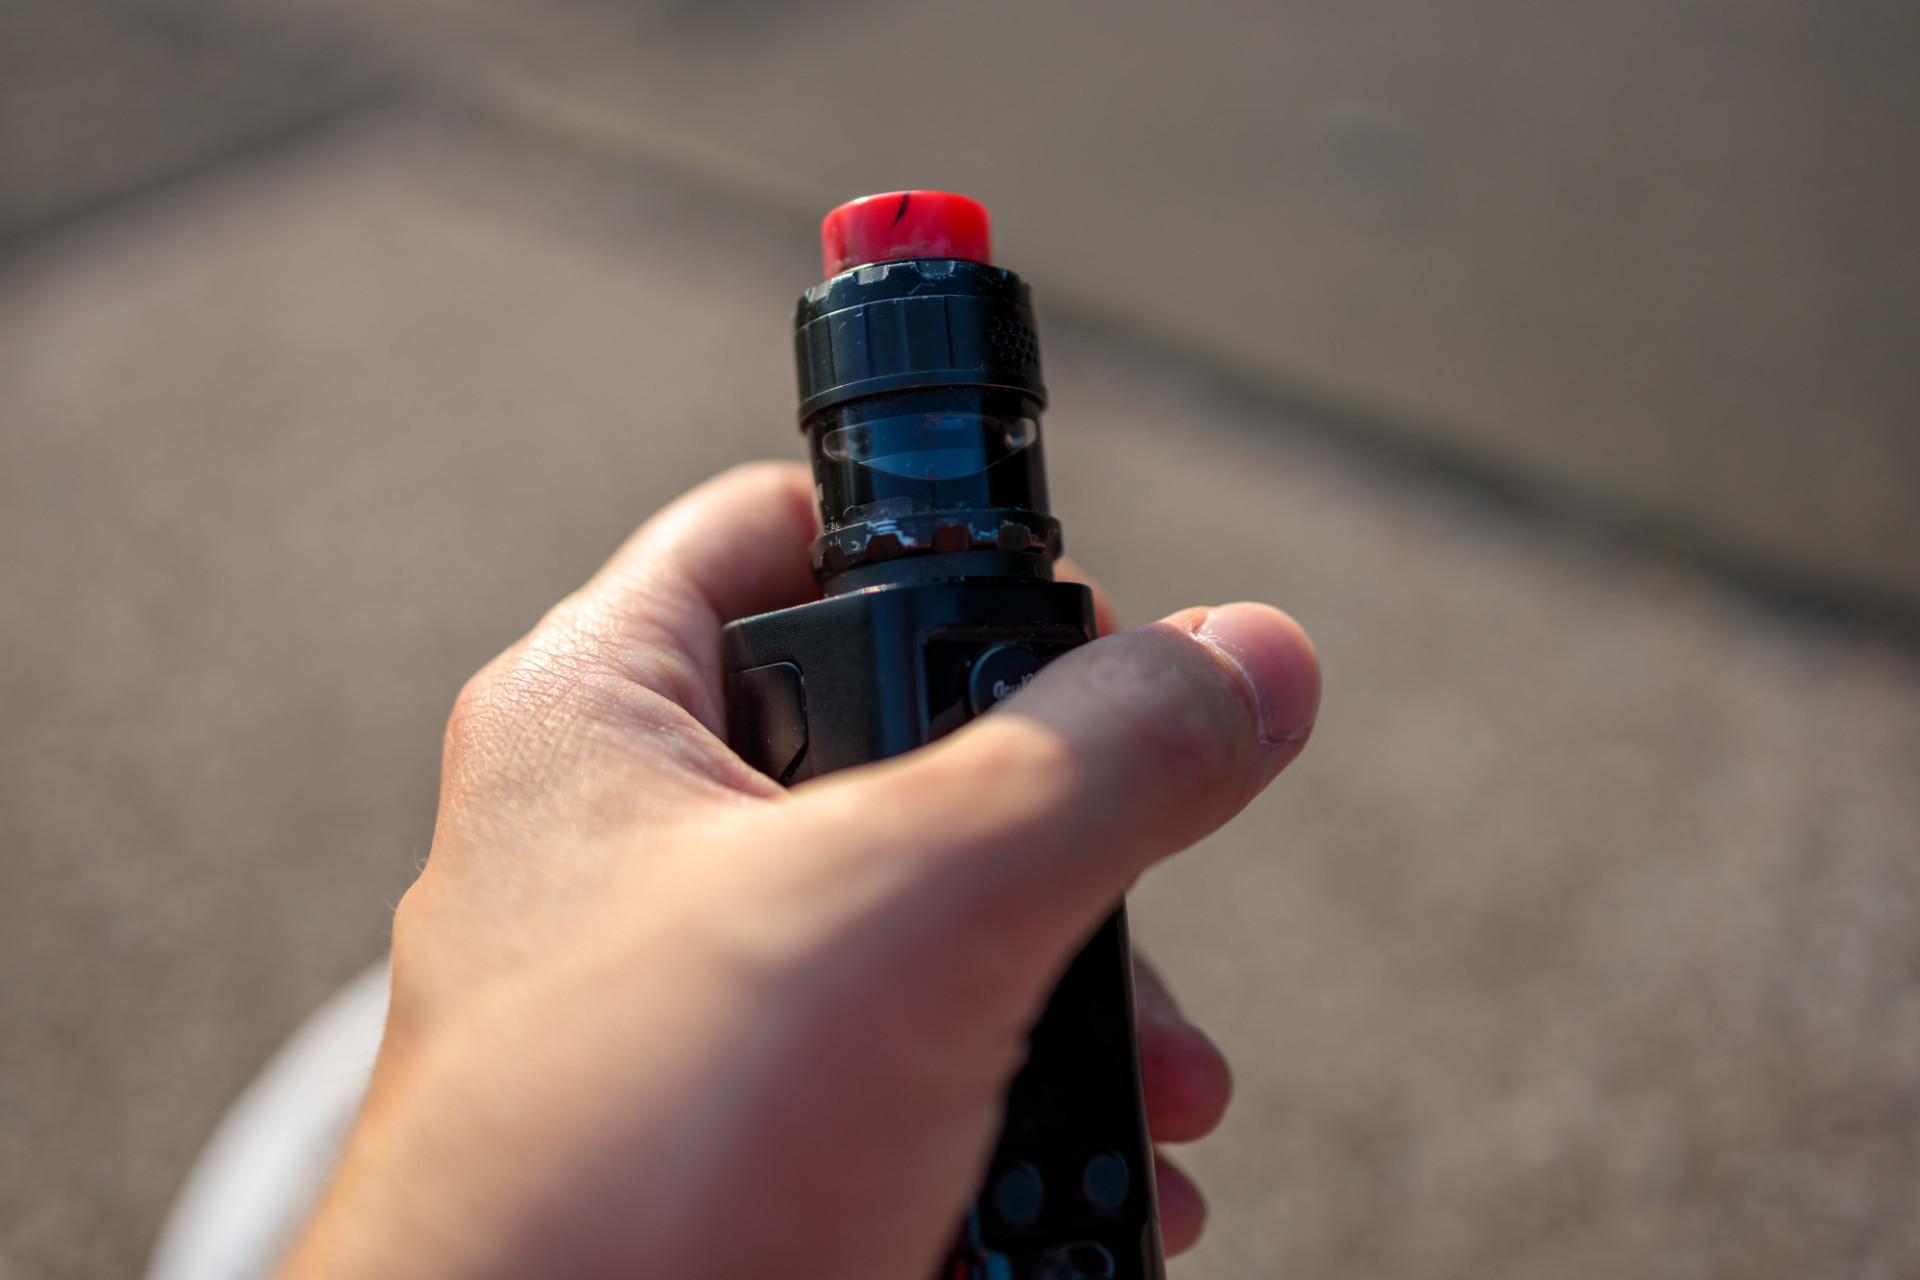 E-cigarette in hand